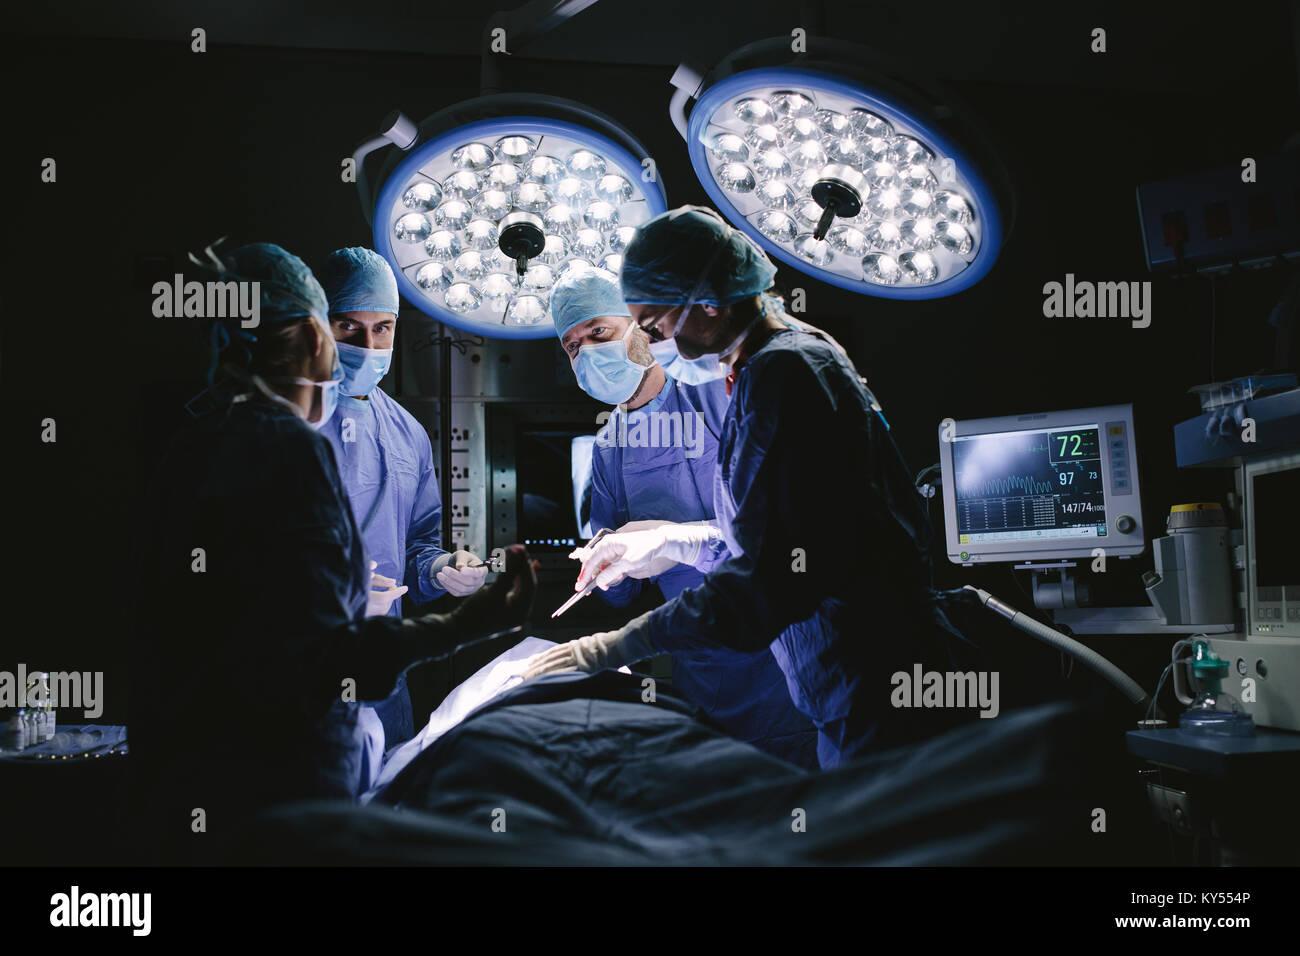 L'équipe médicale d'effectuer la chirurgie dans l'hôpital. Groupe de chirurgiens à Photo Stock